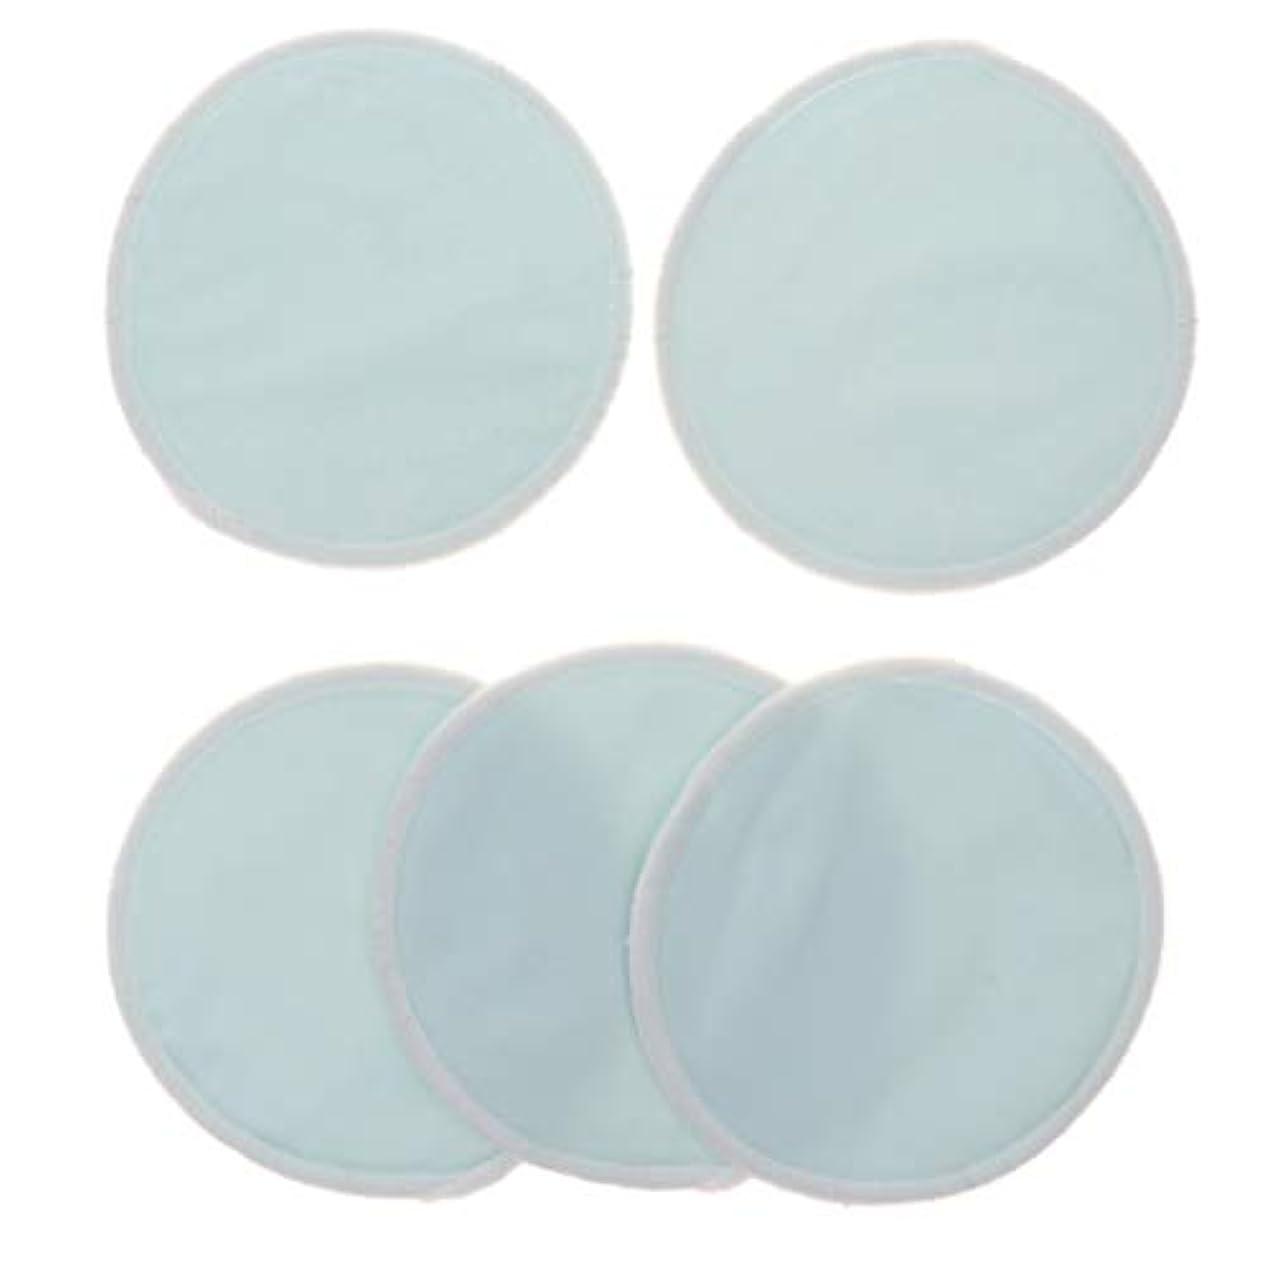 新着お客様交流するFenteer 5個 クレンジングシート 胸パッド 化粧用 竹繊維 円形 12cm 洗える 再使用可能 耐久性 全5色 - 青